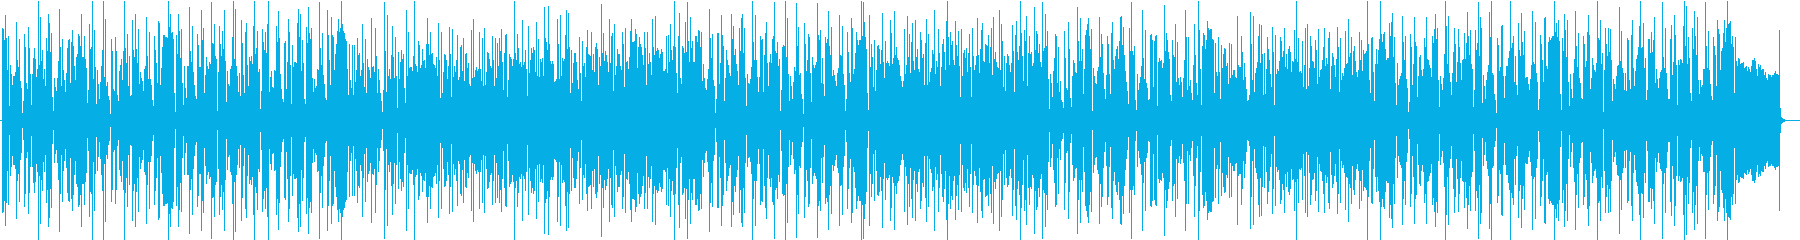 企業VP・ほのぼの・アコーディオンの再生済みの波形